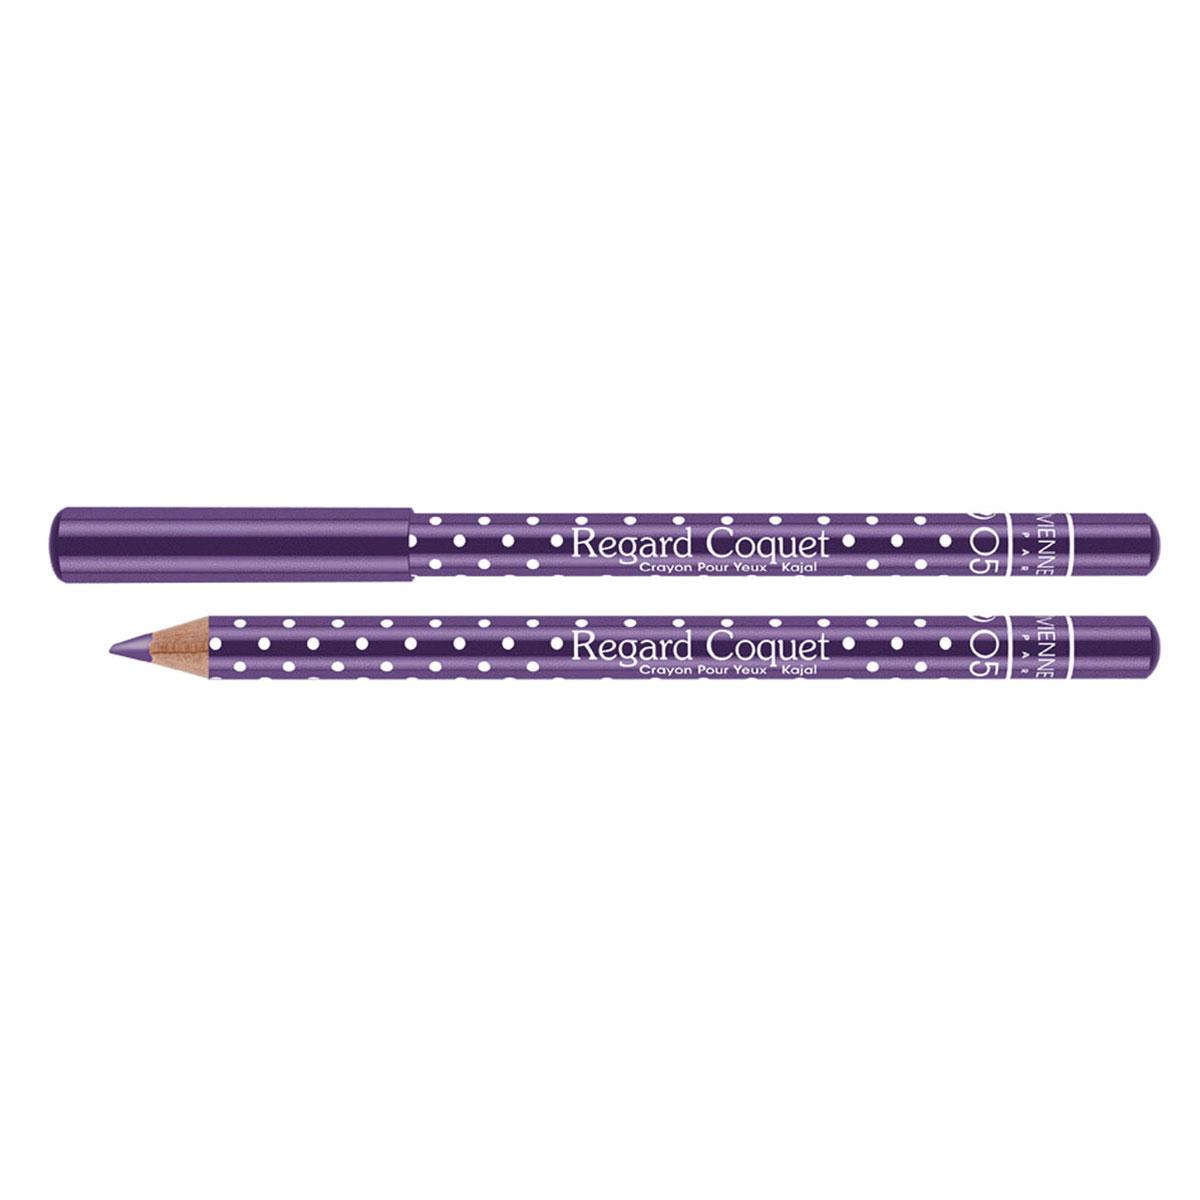 Vivienne Sabo Карандаш-каял для глаз Regard Сoquet, тон №05 (Фиолетовый), 0,78 гB2542408Уникальная формула на основе натуральных ухаживающих компонентов и нежная кремовая текстура, позволяют использовать карандаши для внутреннего века, создавая идеальную тонкую линию и придавая взгляду особую выразительность и Парижский шарм. Товар сертифицирован.